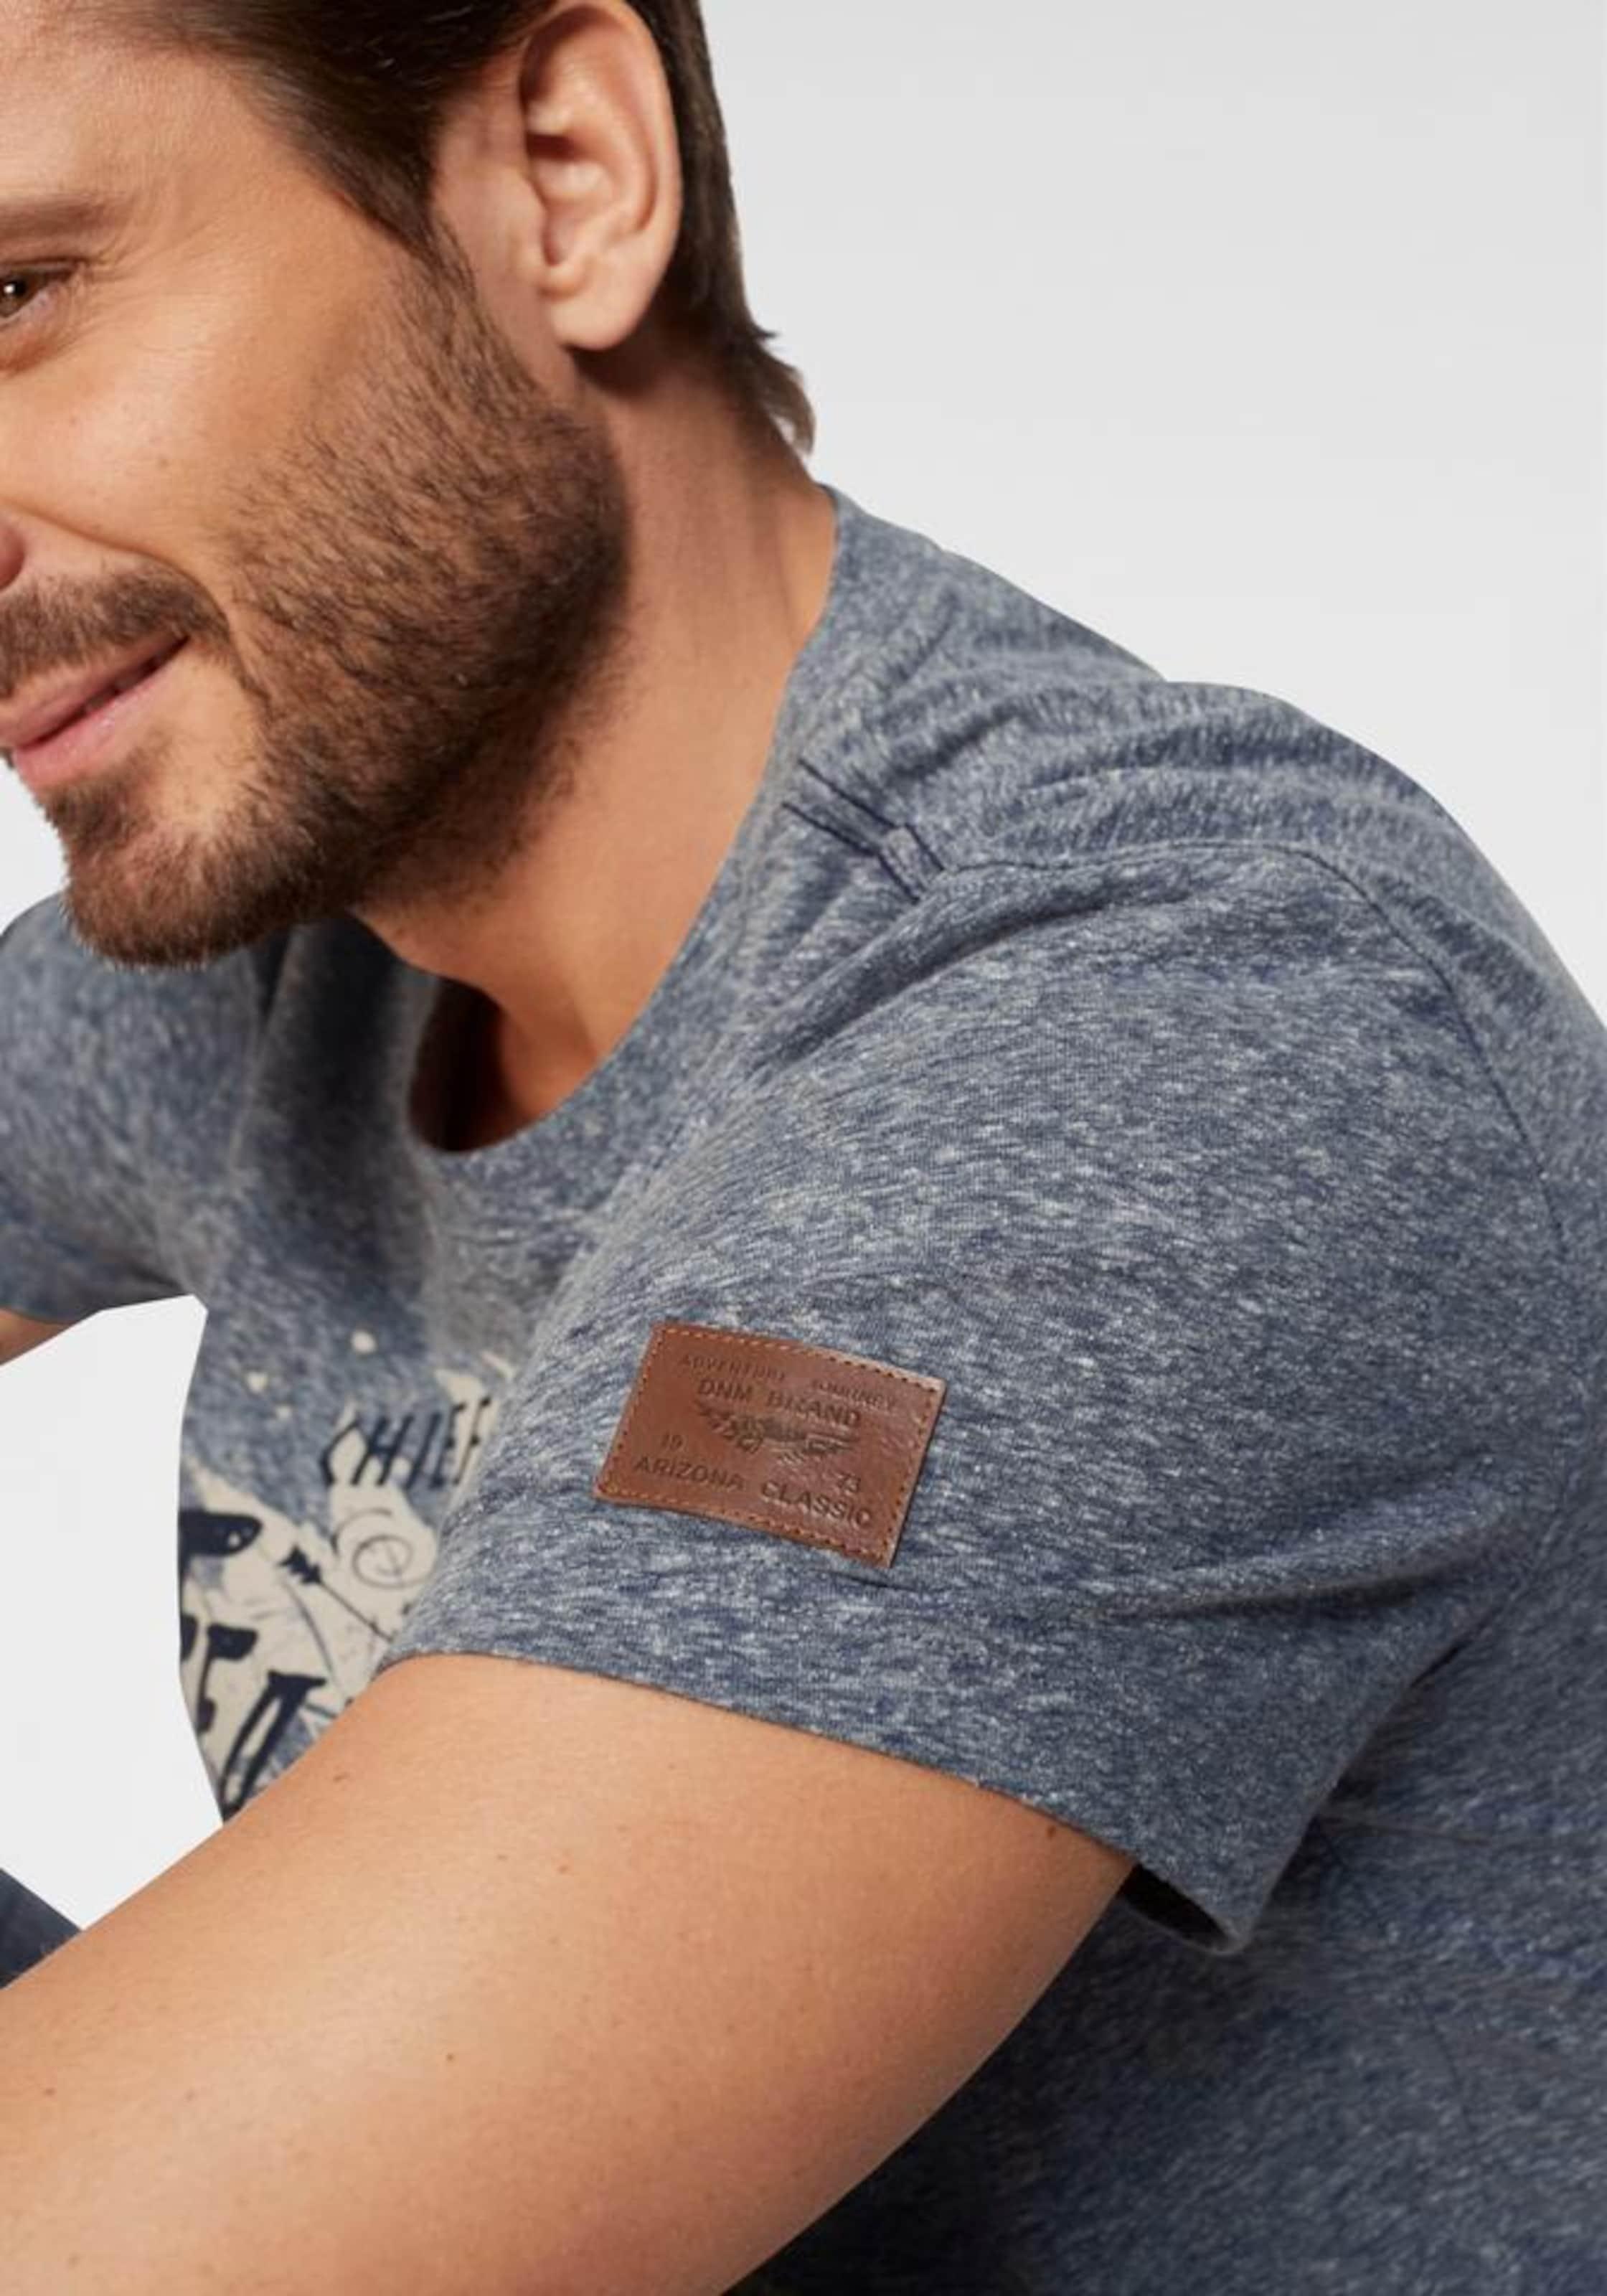 Arizona Arizona In Arizona Taubenblau T In Taubenblau shirt T shirt Ny80Omwvn